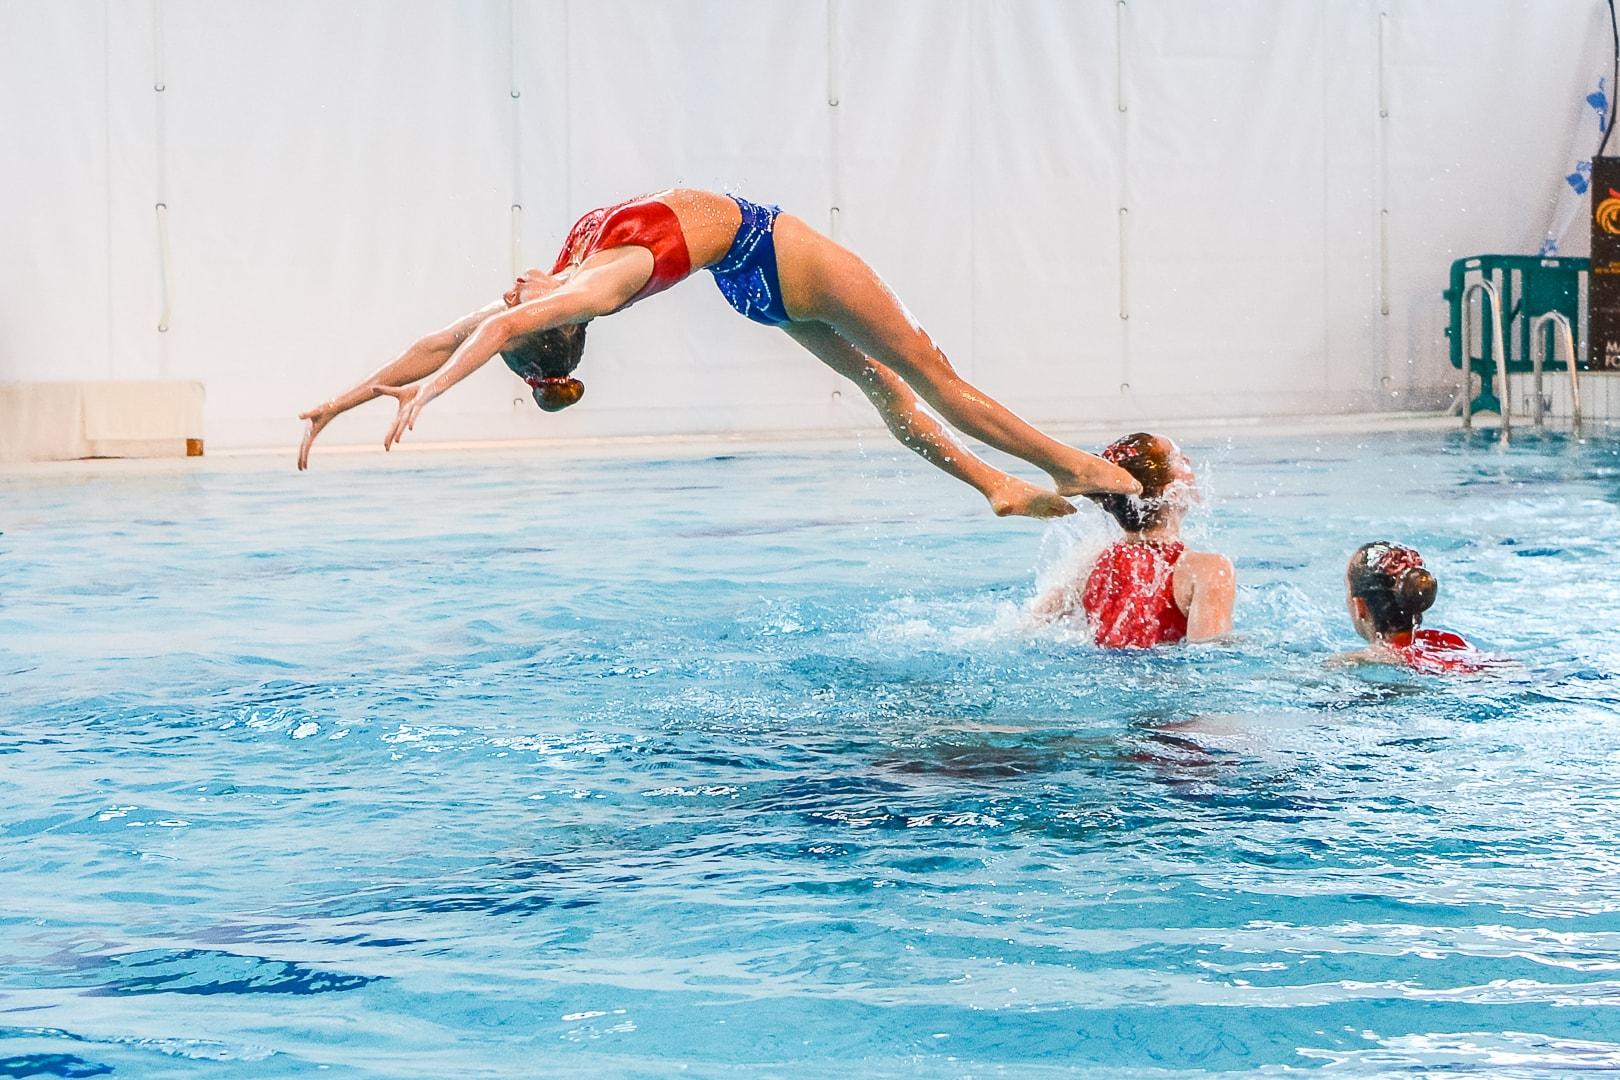 photographie natation synchronisee saut en arrière